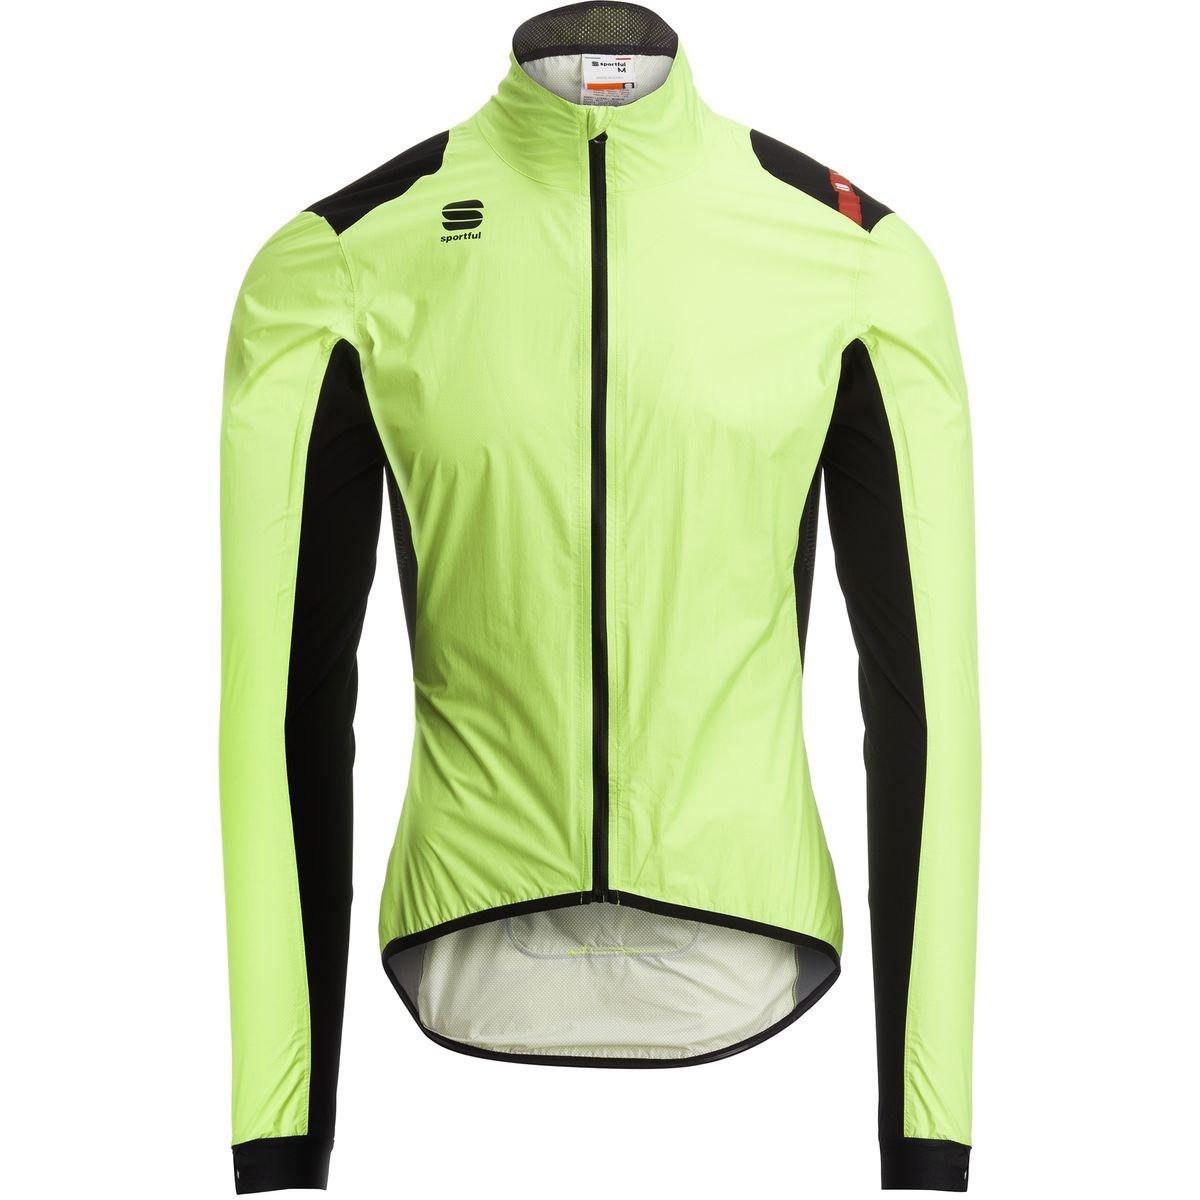 新品 [スポーツフル] メンズ サイクリング Hotpack Norain Jacket [並行輸入品] B07P54PGQ7 S [スポーツフル] Hotpack B07P54PGQ7, 松任市:4e544fec --- mcrisartesanato.com.br